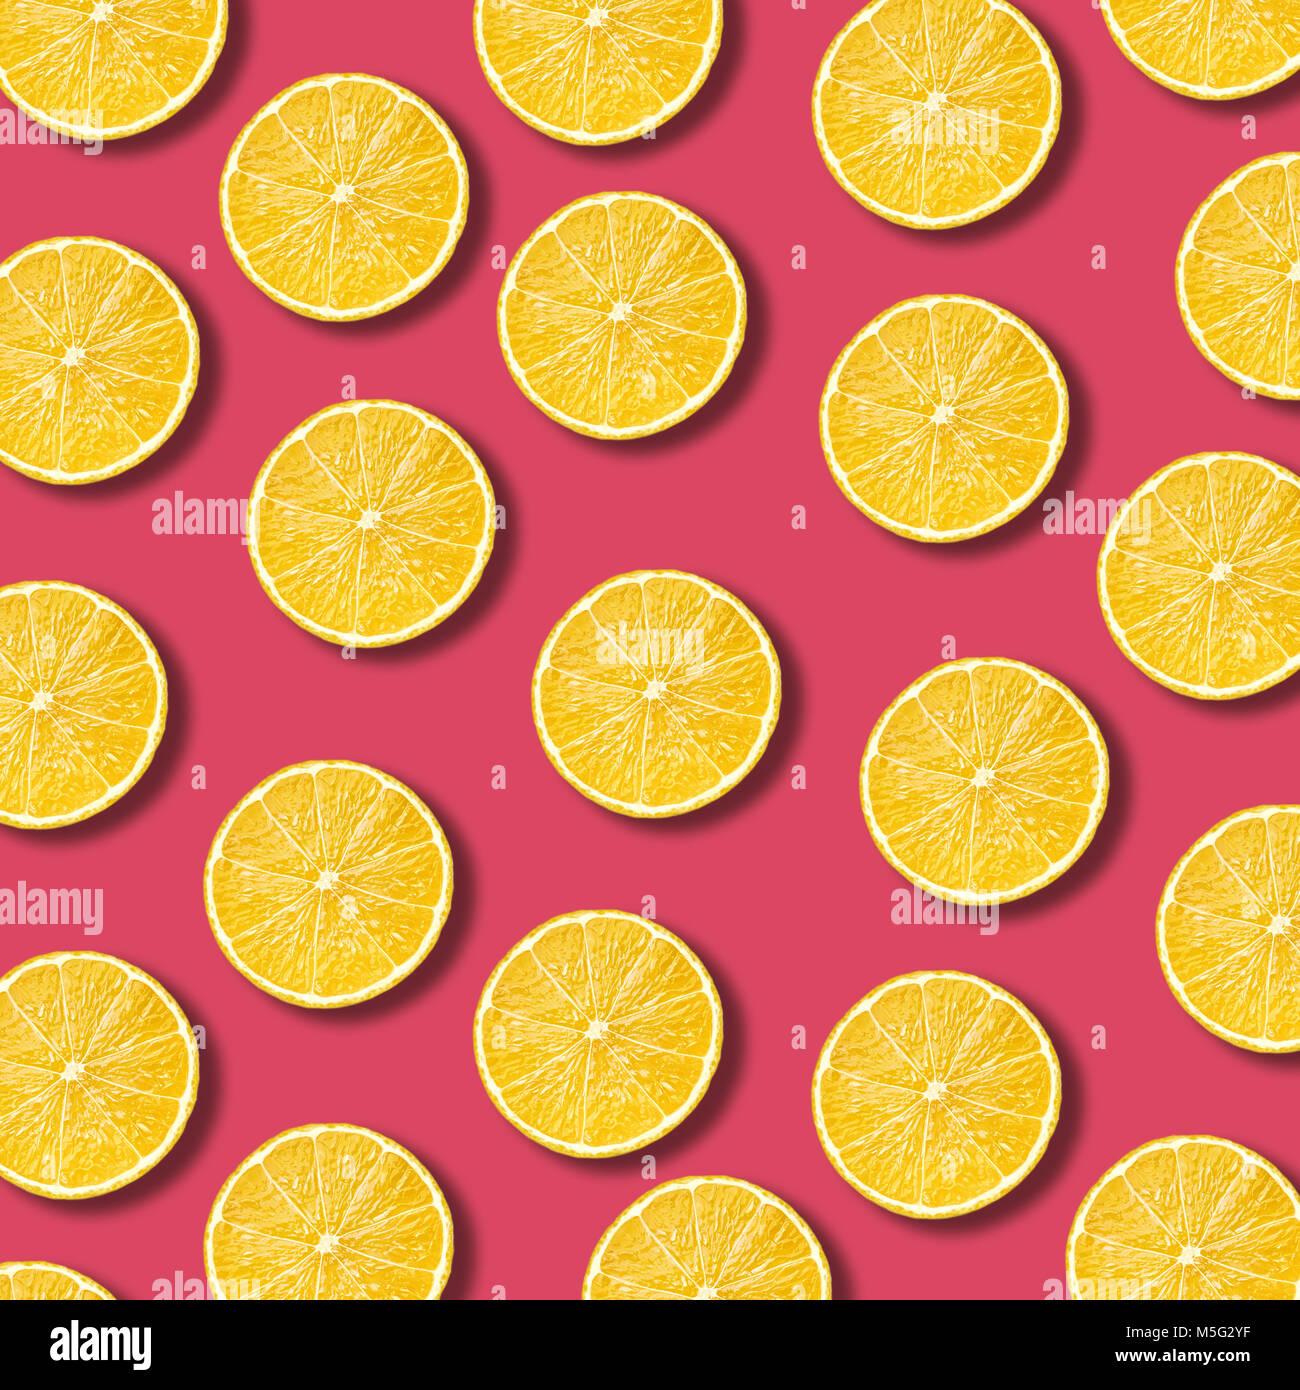 Zitronenscheiben Muster auf lebendige Granatapfel Farbe Hintergrund. Minimale flach Essen Textur Stockbild